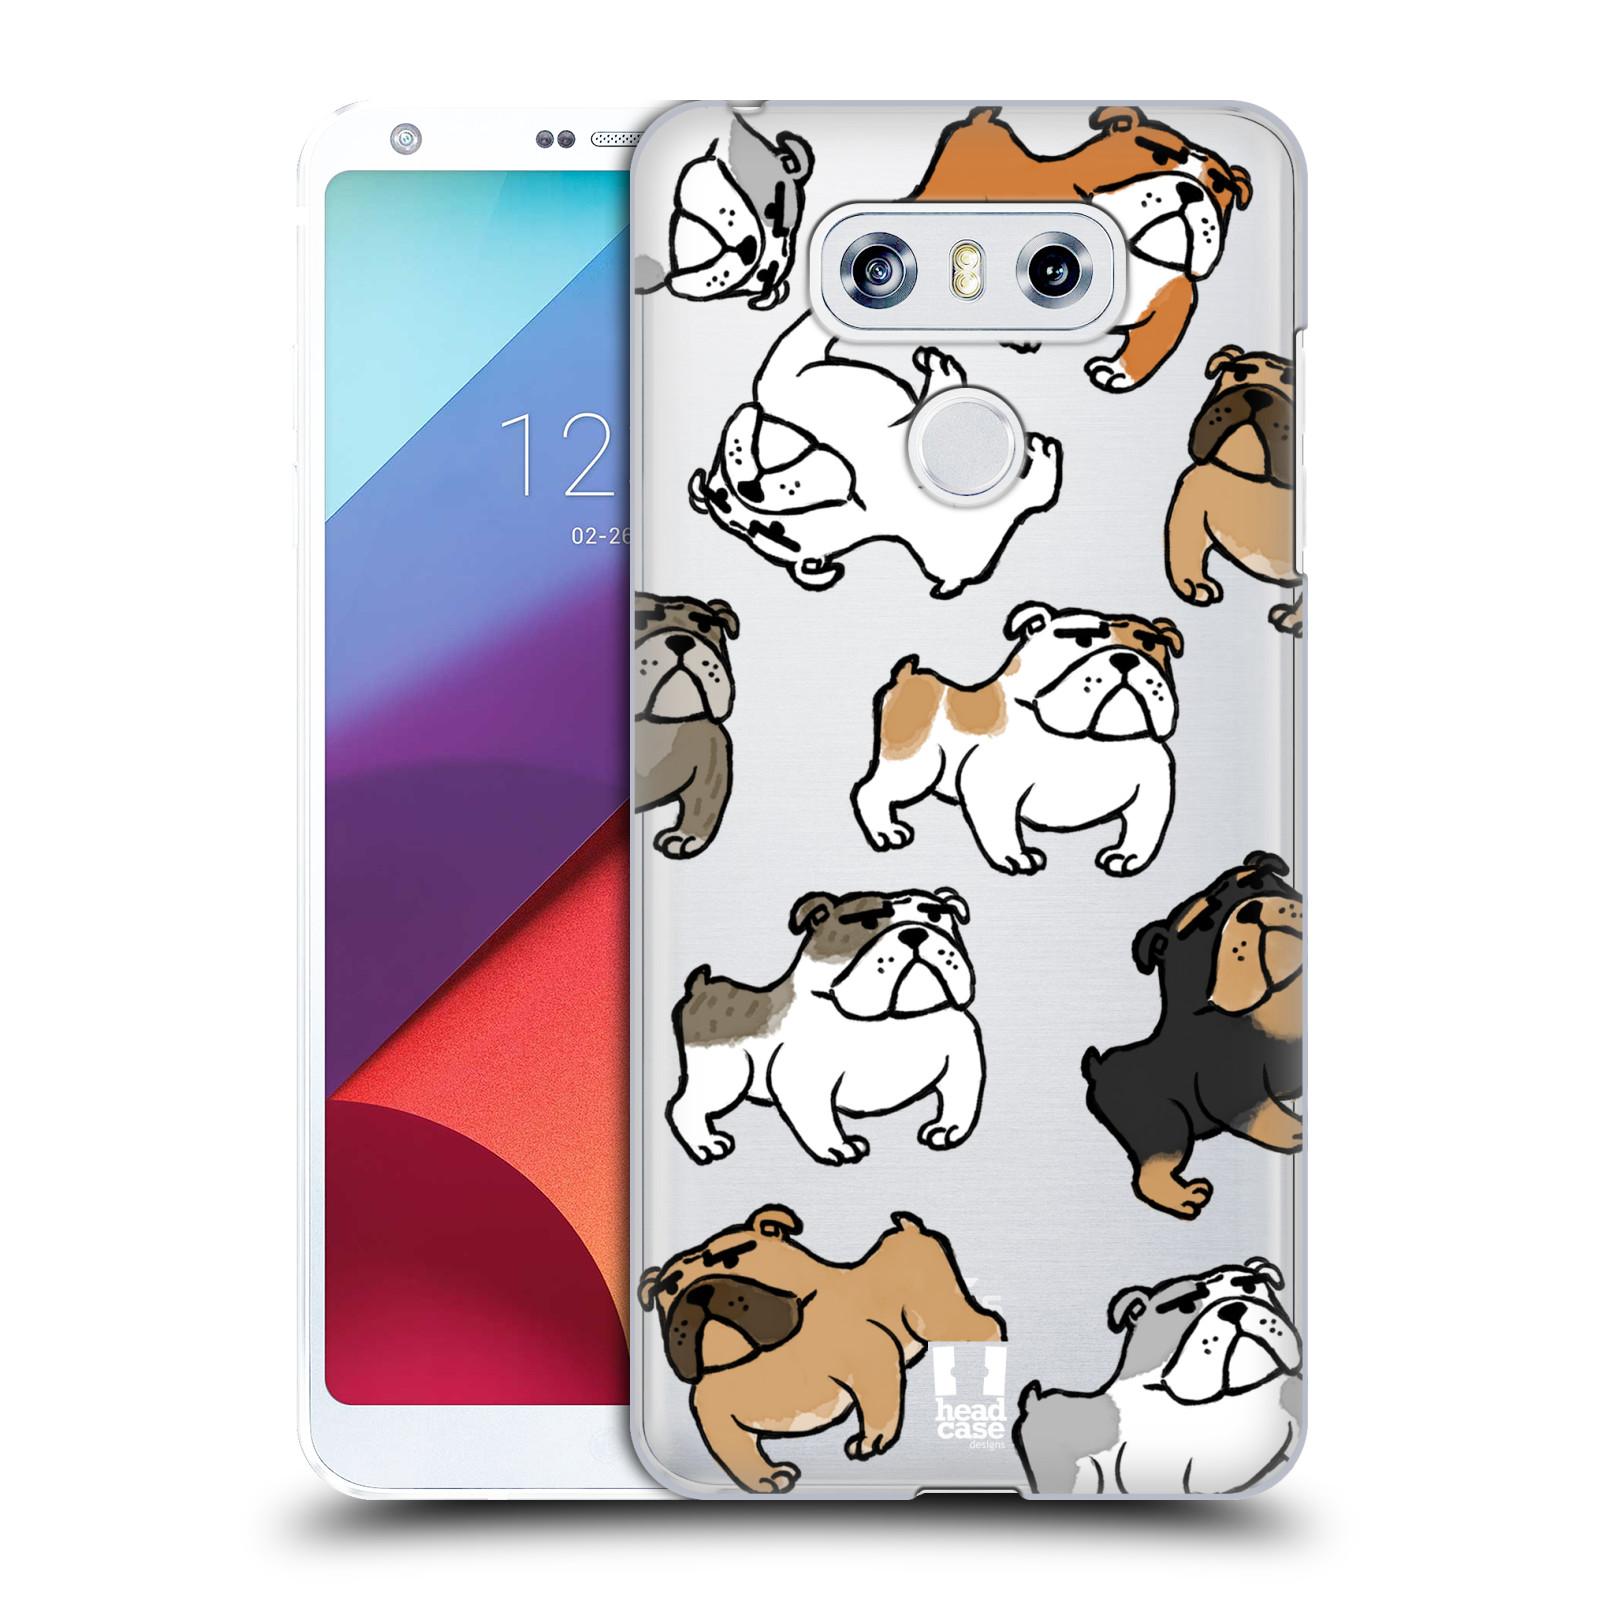 Plastové pouzdro na mobil LG G6 - Head Case - Buldoci (Plastový kryt či obal na mobilní telefon s motivem buldoků pro LG G6 H870 / LG G6 Dual SIM H870DS)